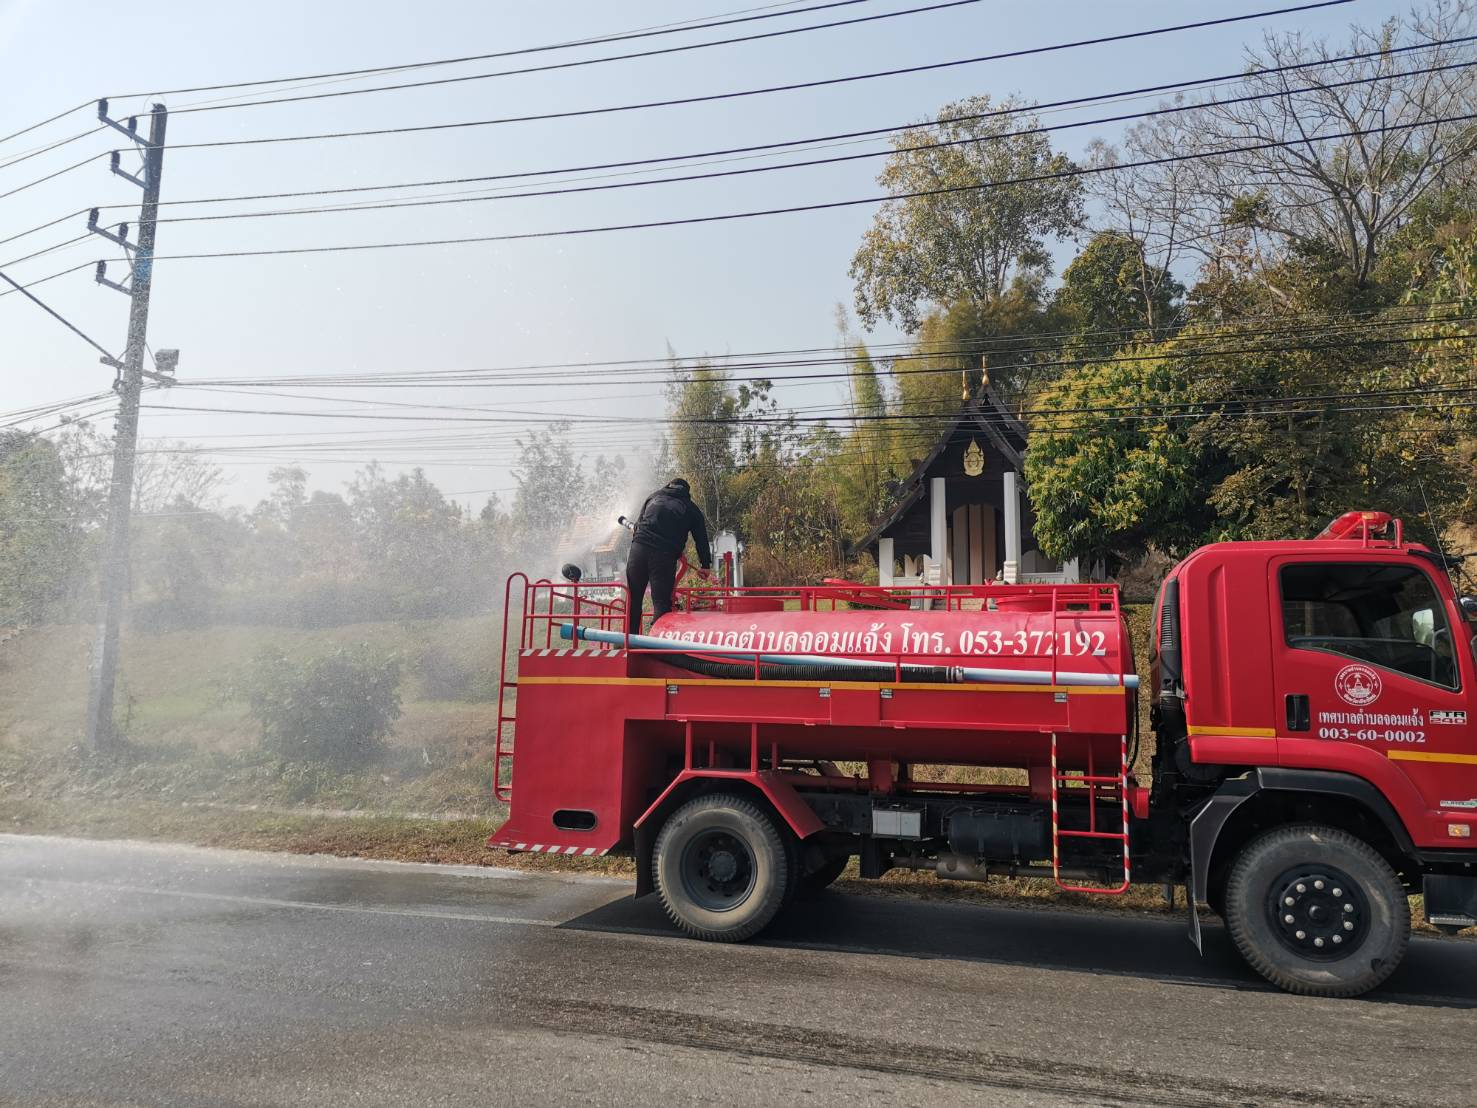 งานป้องกันและบรรเทาสาธารณภัย เทศบาลตำบลจอมแจ้ง ได้นำรถน้ำออกพ่นละอองน้ำ ในถนนสายต่างๆ ในเขตเทศบาลตำบลจอมแจ้ง เพื่อลดและบรรเทาปริมาณหมอกควัน PM2.5